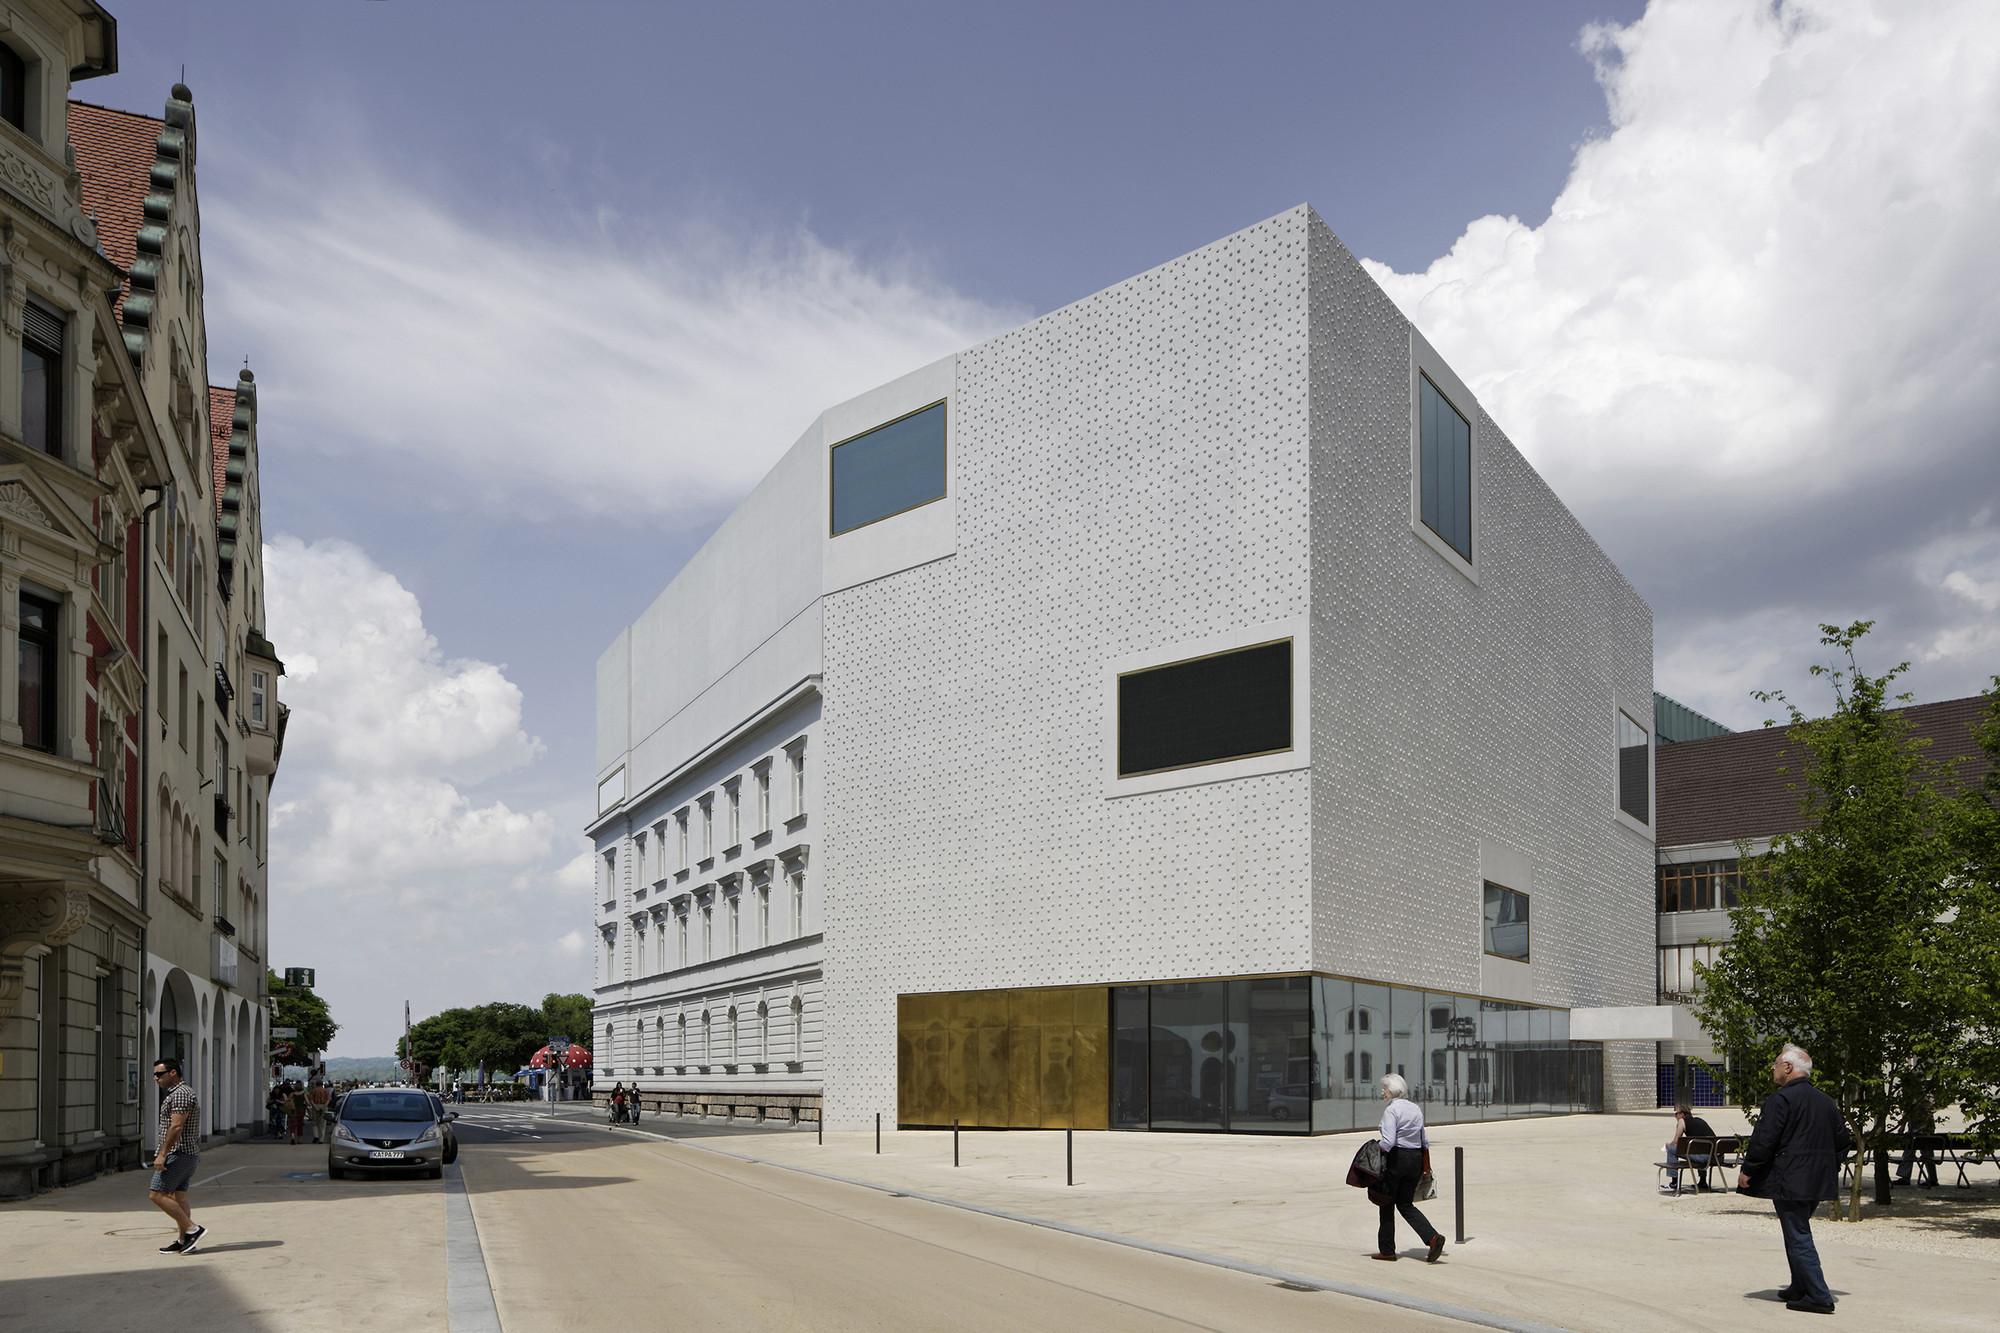 Vorarlberg Museum / Cukrowicz Nachbaur Architekte, © Hanspeter Schiess